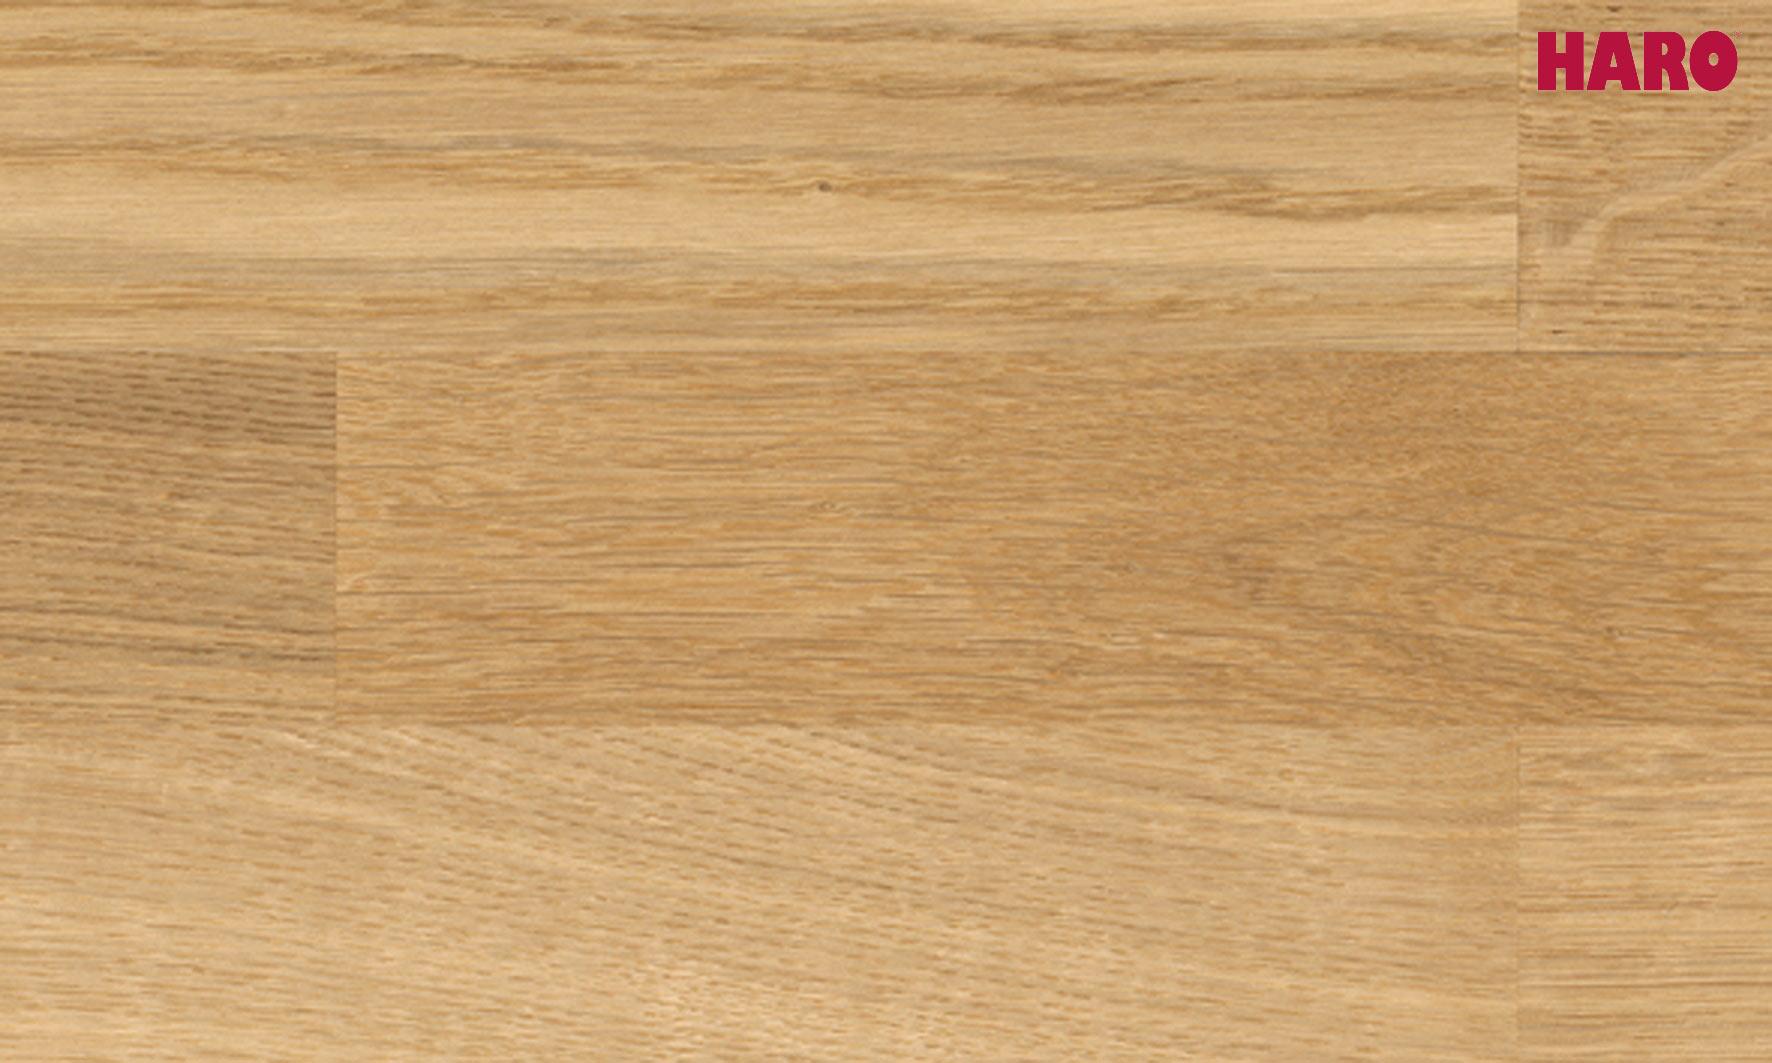 sonderangebot 523785 haro parkett 3 stab schiffsboden 4000 eiche trend permadur versiegelt. Black Bedroom Furniture Sets. Home Design Ideas